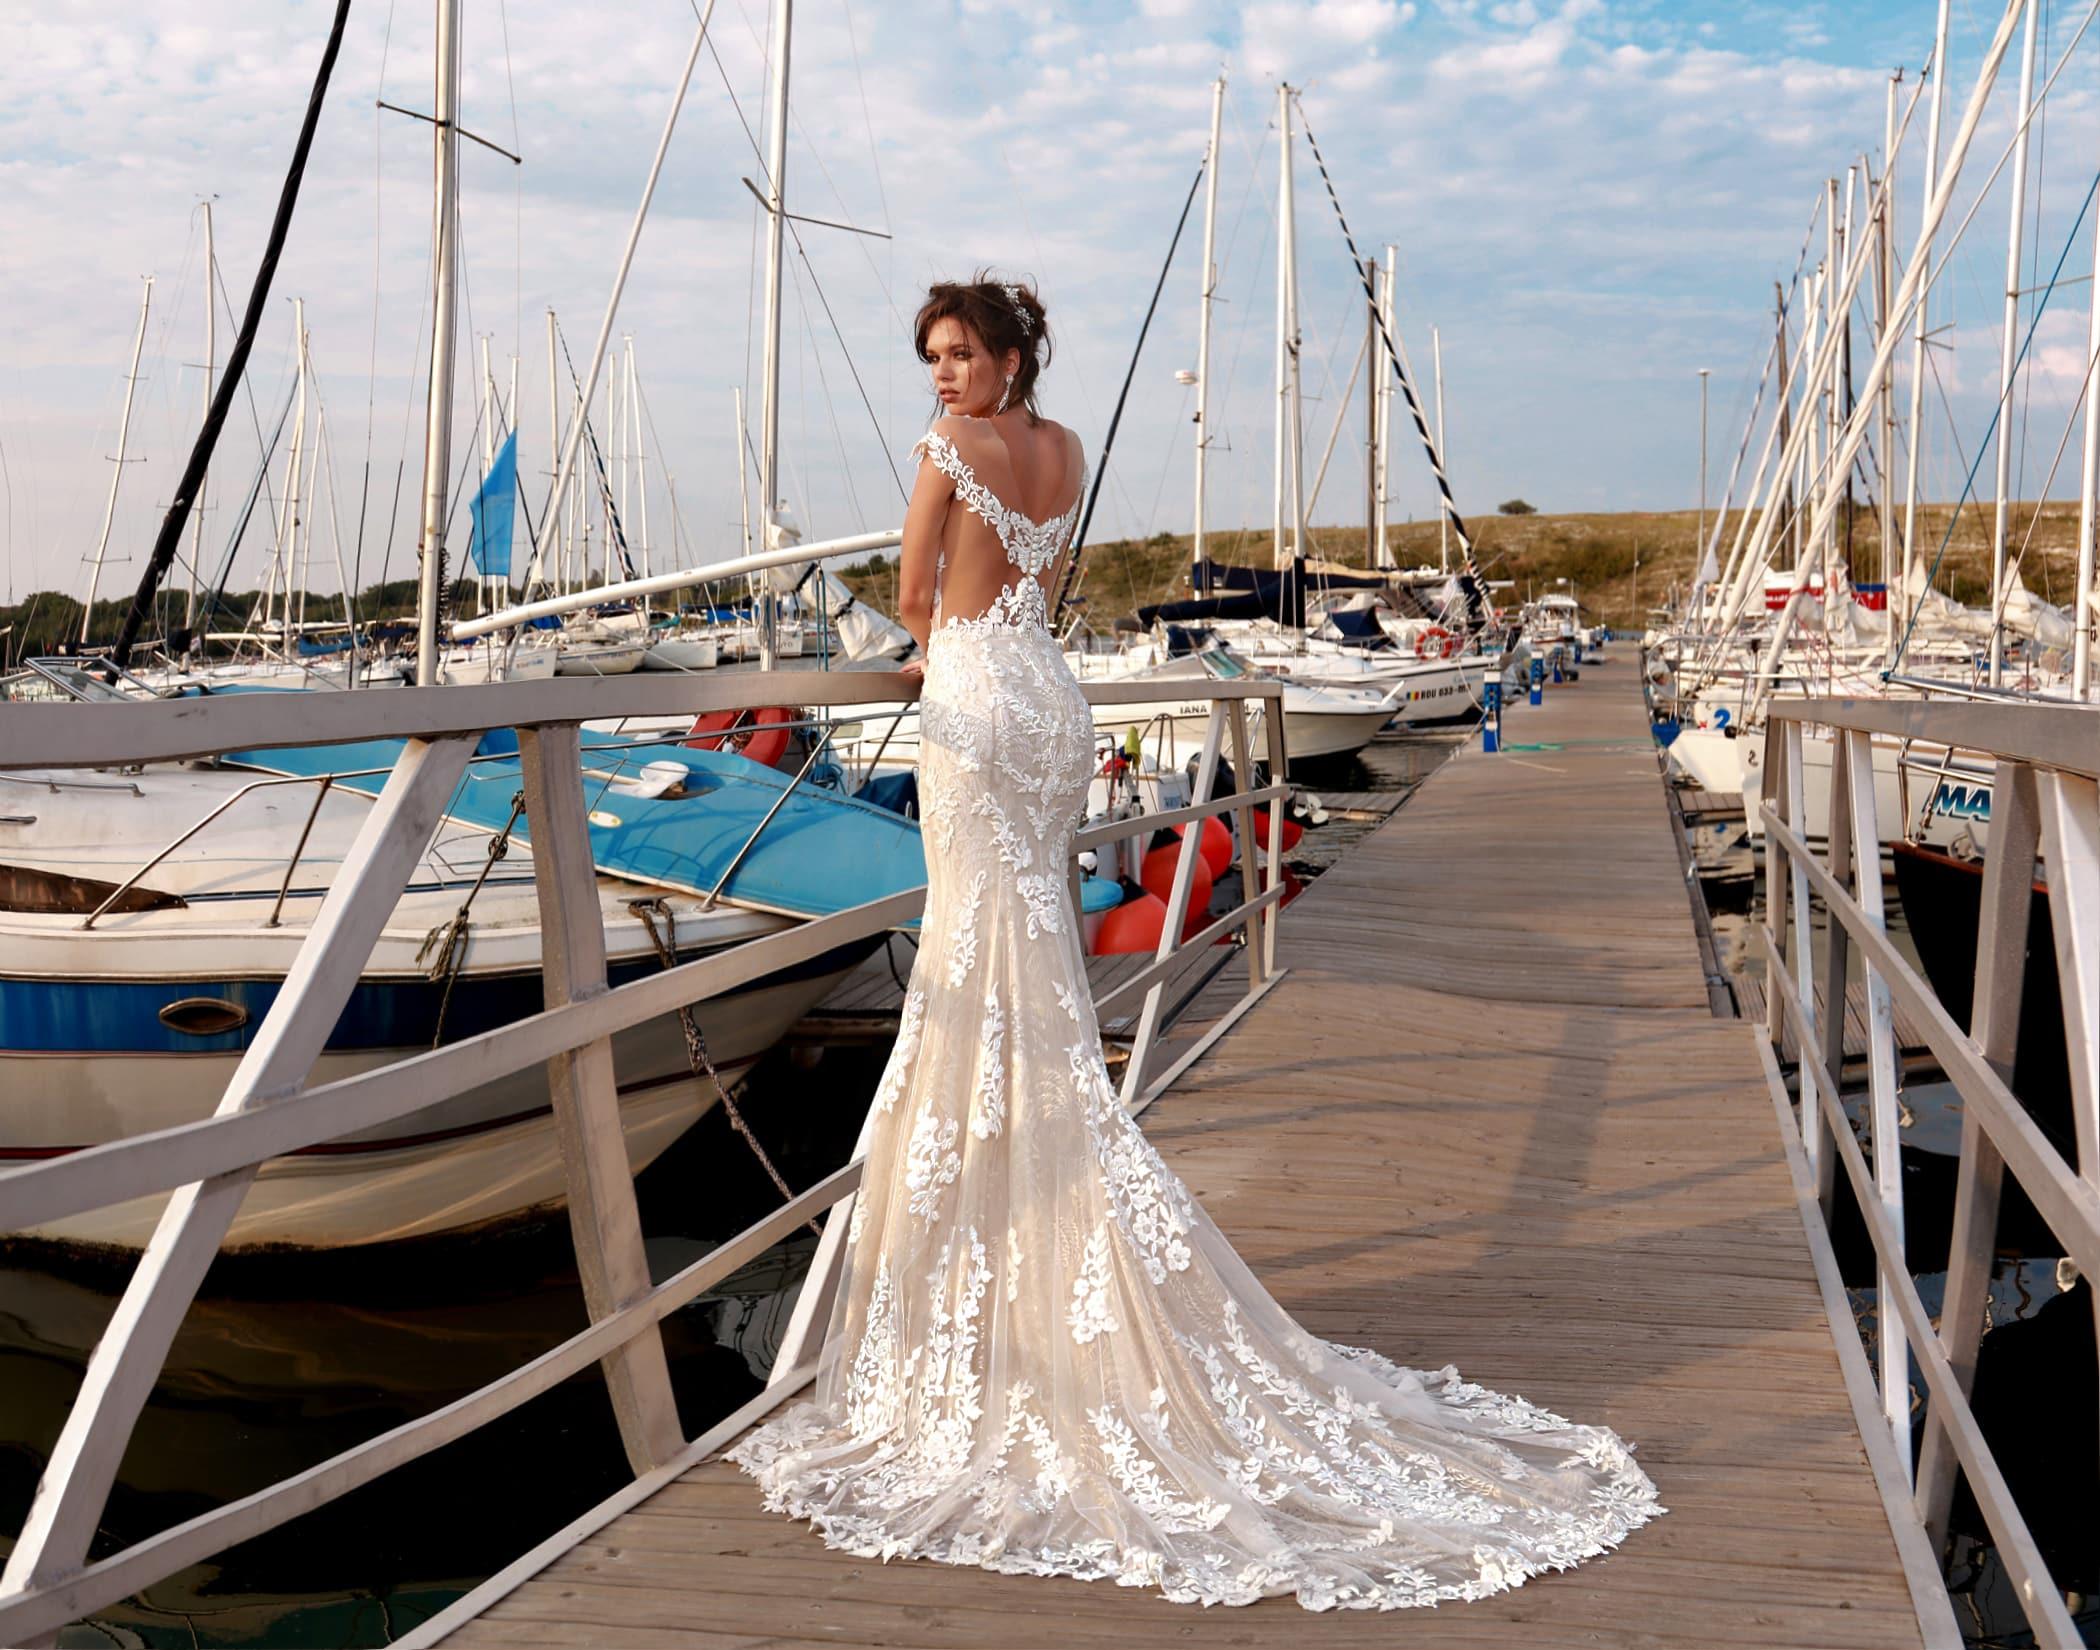 Adora sposa rochii de mireasa rochii de mireasa bucuresti rochii de mireasa unirii rochii mireasa sirena rochii mireasa sirena dantela